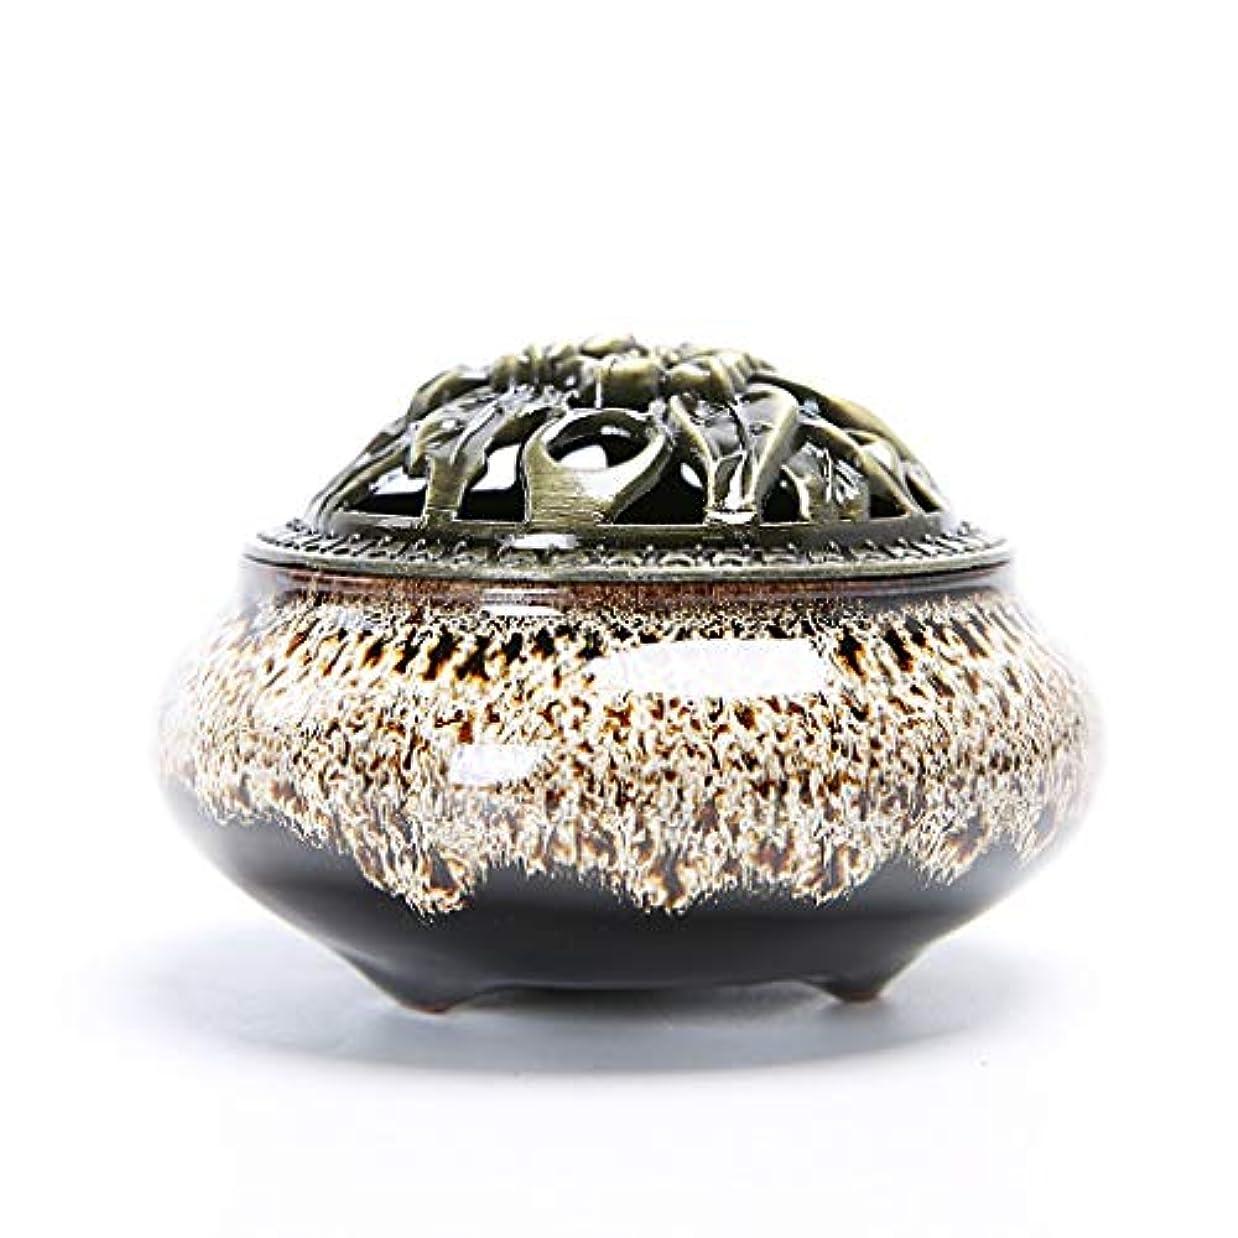 証明とらえどころのない外側クリエイティブセラミック香炉ホームルーム香スティック/コーン/コイルバーナーホルダー灰キャッチャーホーム仏教の装飾香ホルダー (Color : White, サイズ : 3.93*2.83inchs)